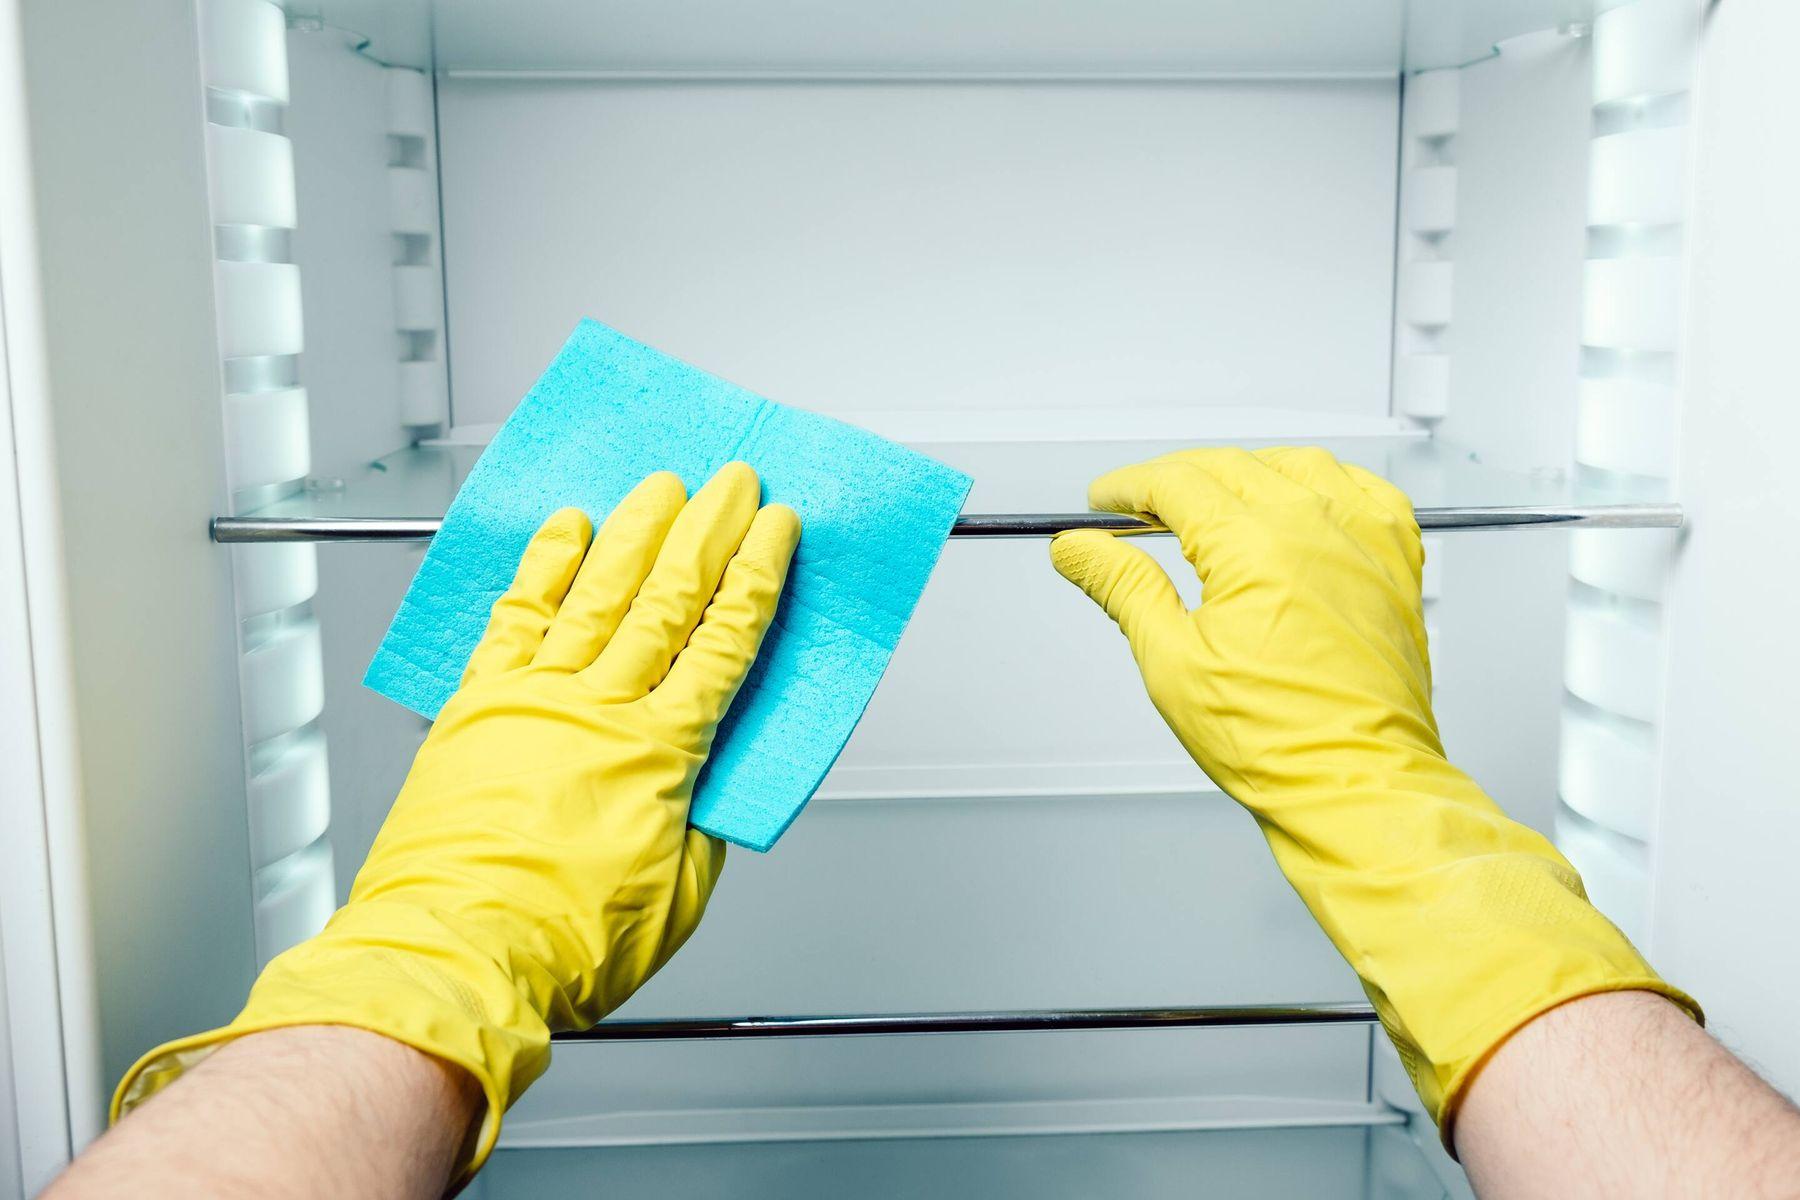 vệ sinh tủ lạnh hiệu quả